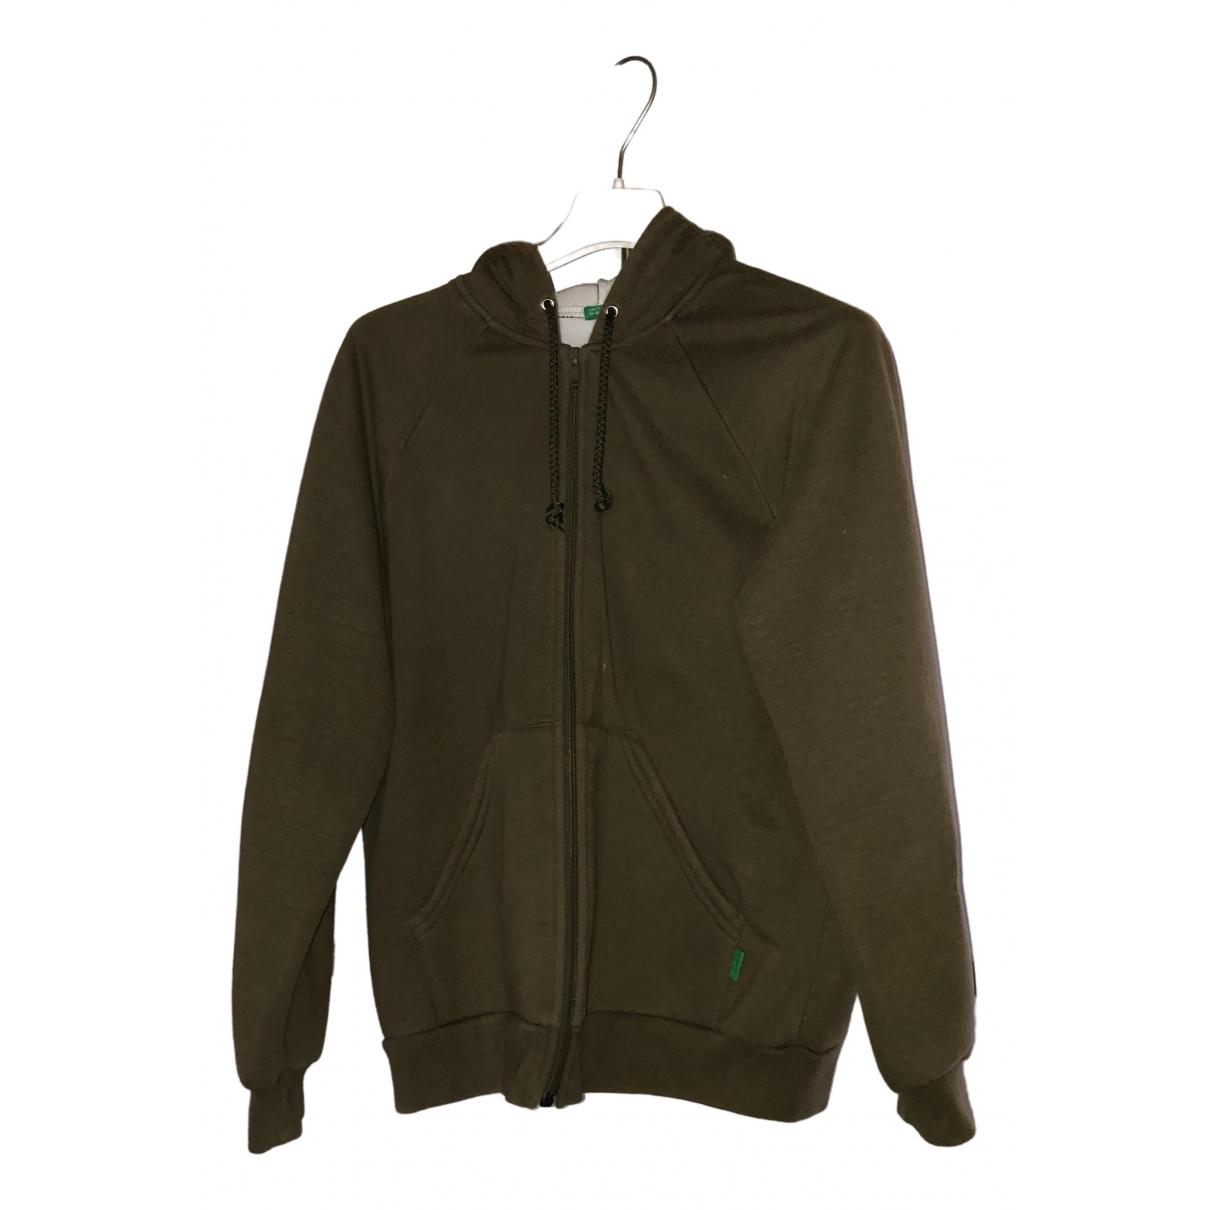 Benetton N Green Cotton Knitwear for Women L International